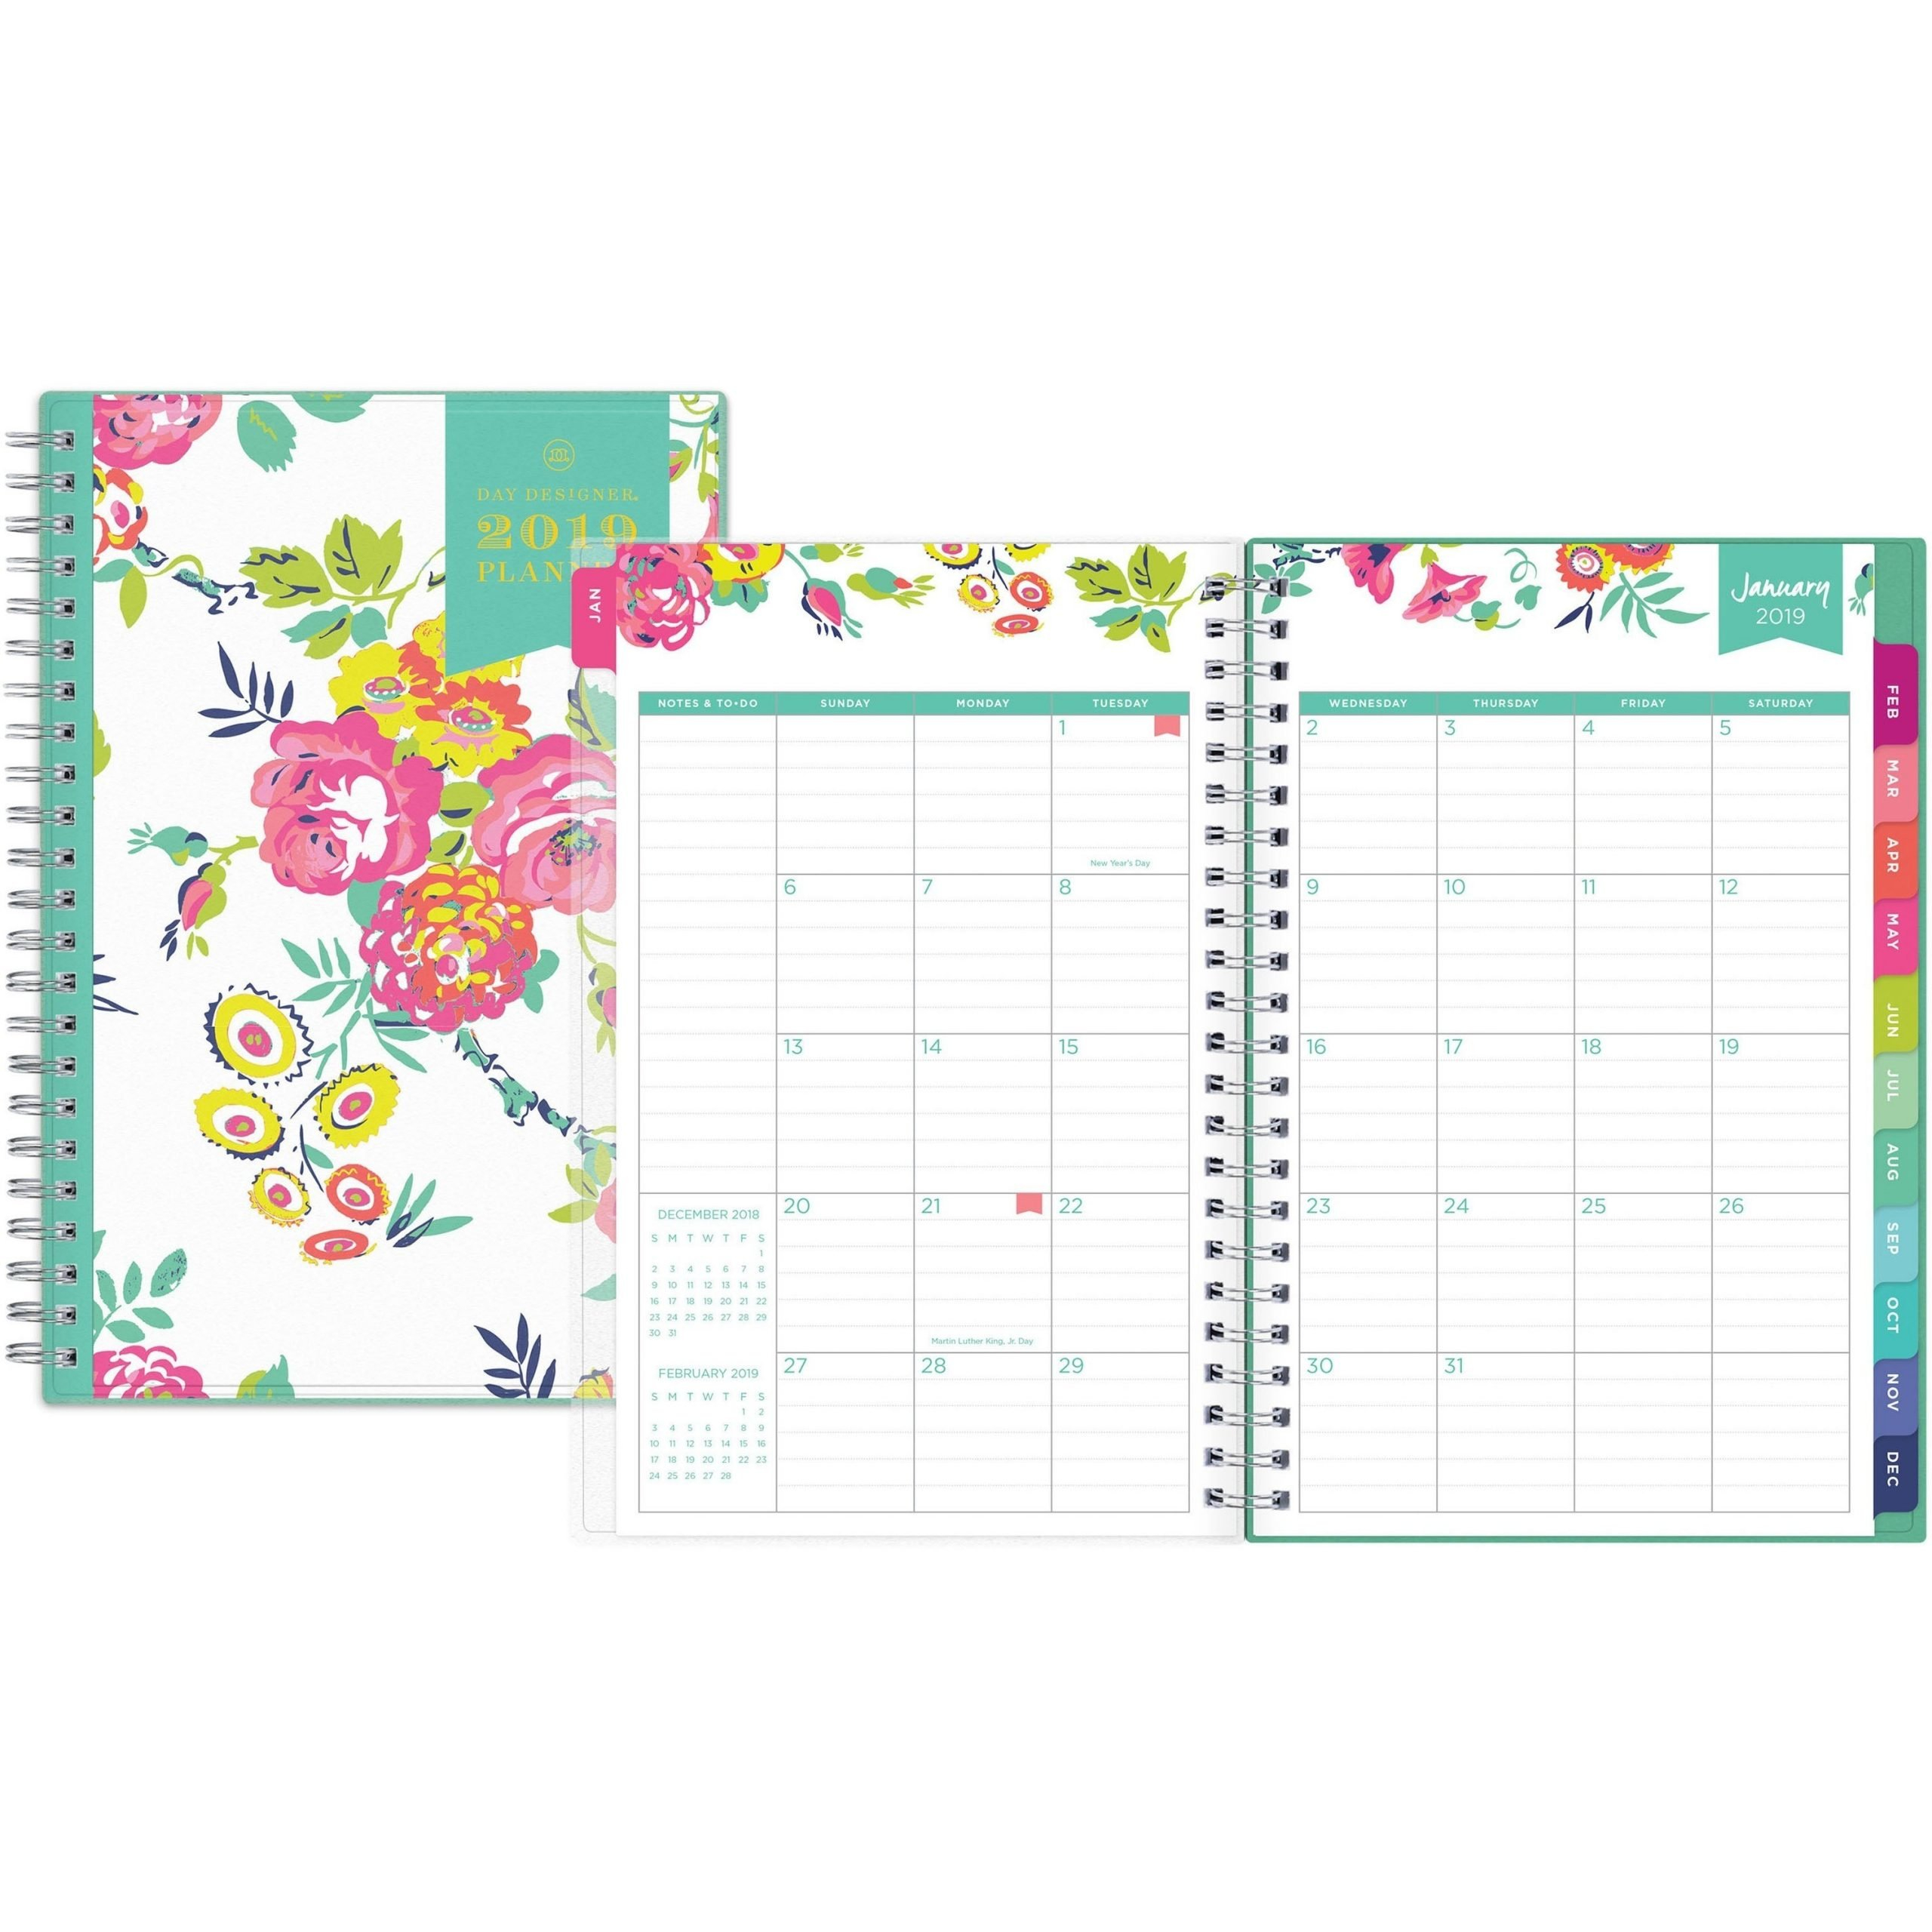 Calendar 3 X 3 3 Benefits Of Calendar 3 X 3 That May 5 X 8 Calendar Template